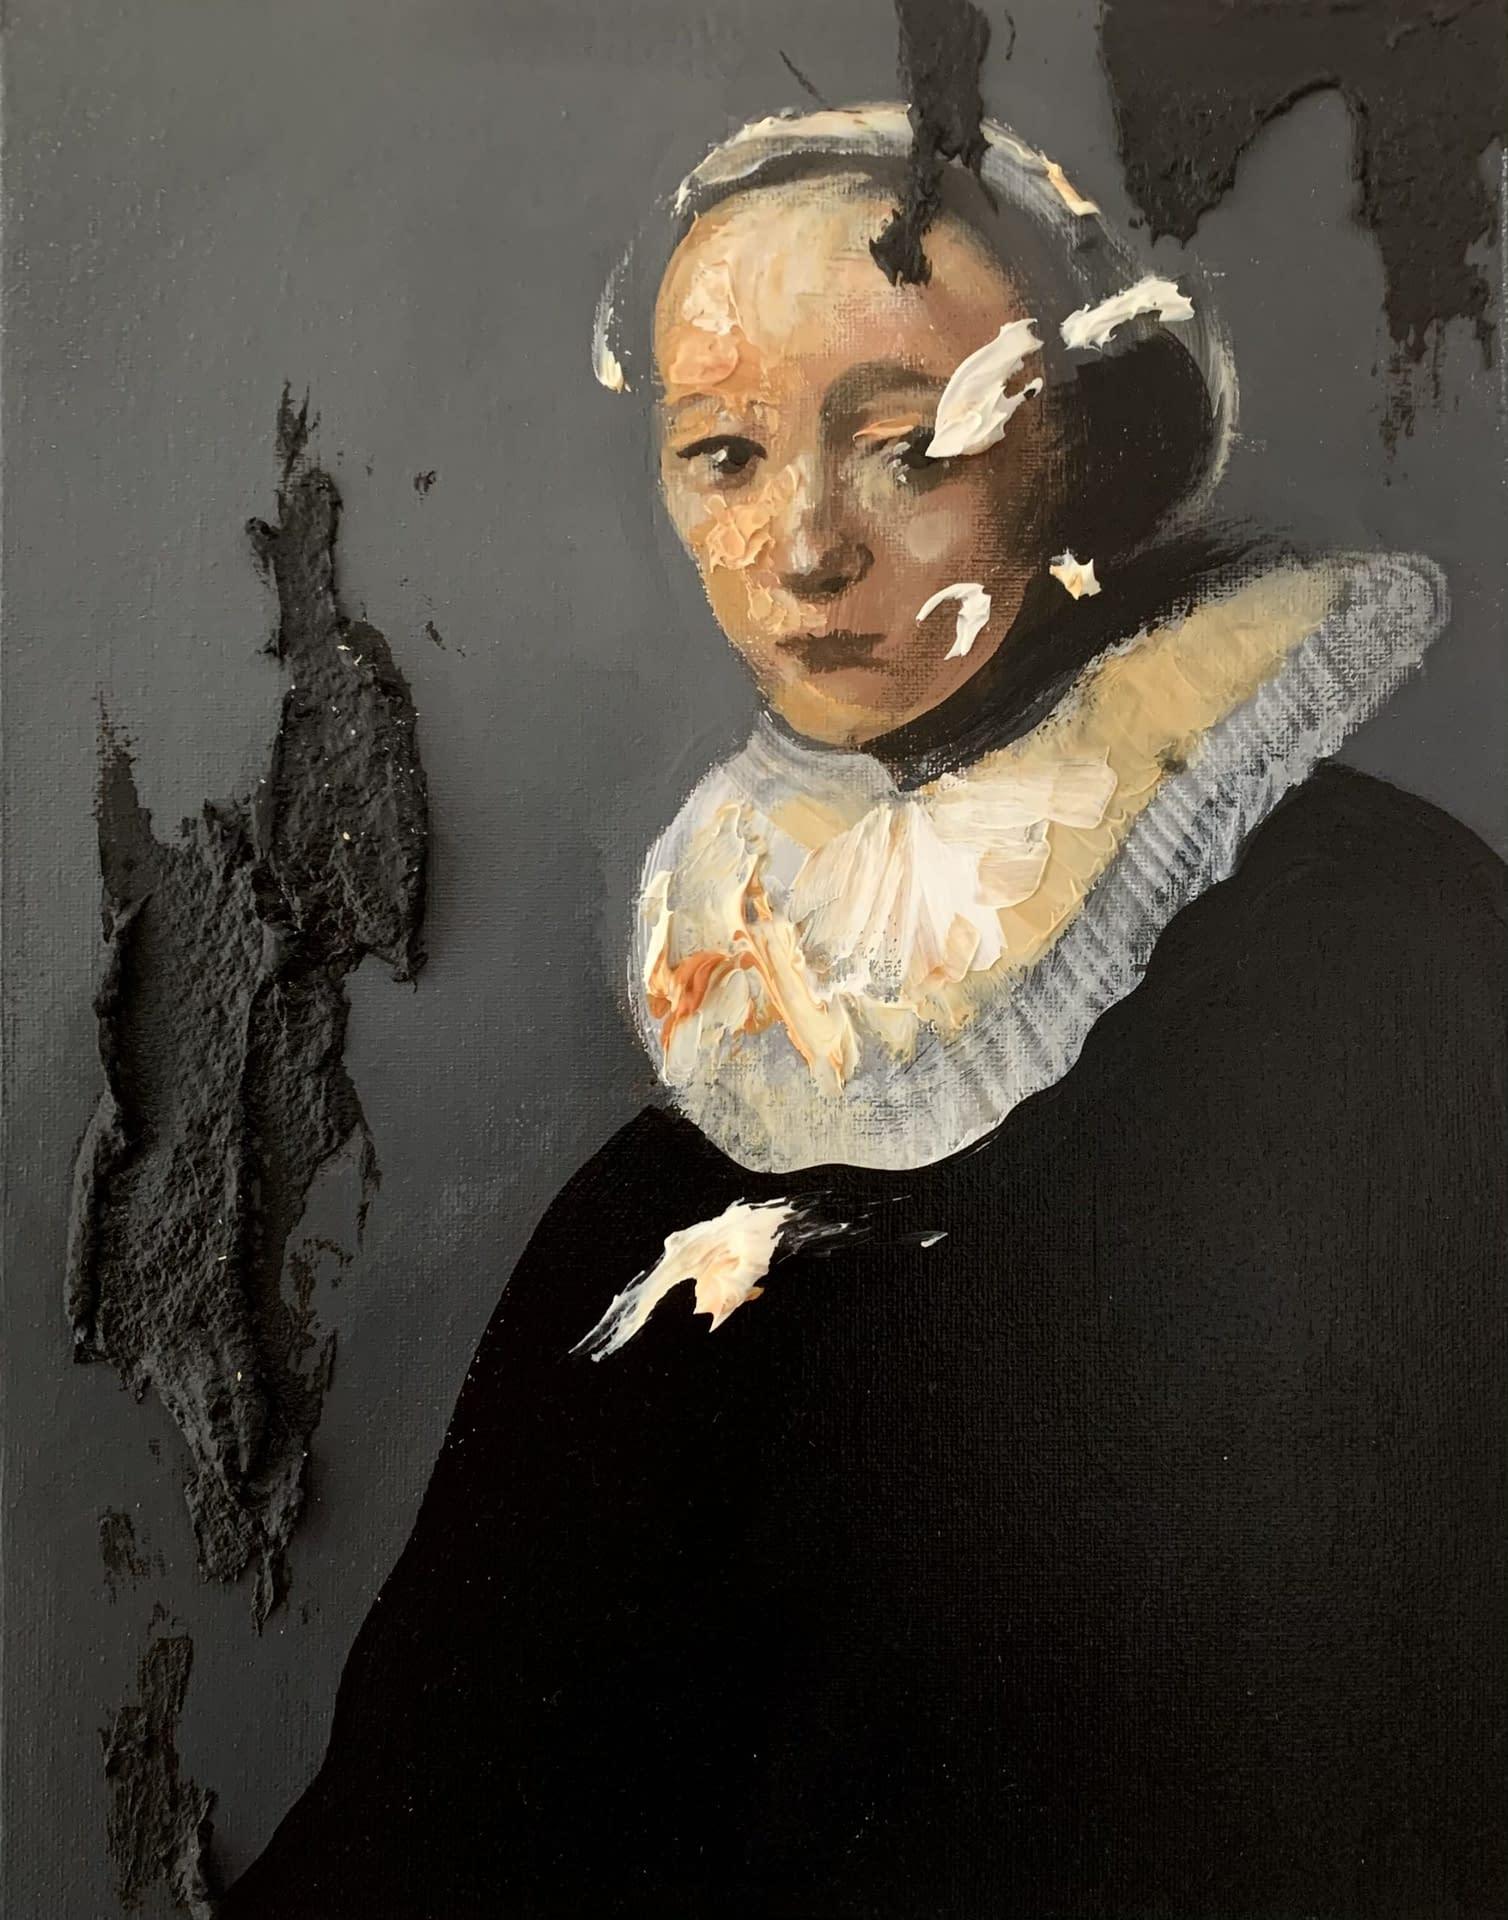 She_Martin_Adalian_Acrylic_oil_tar_on_canvas_14_x_11